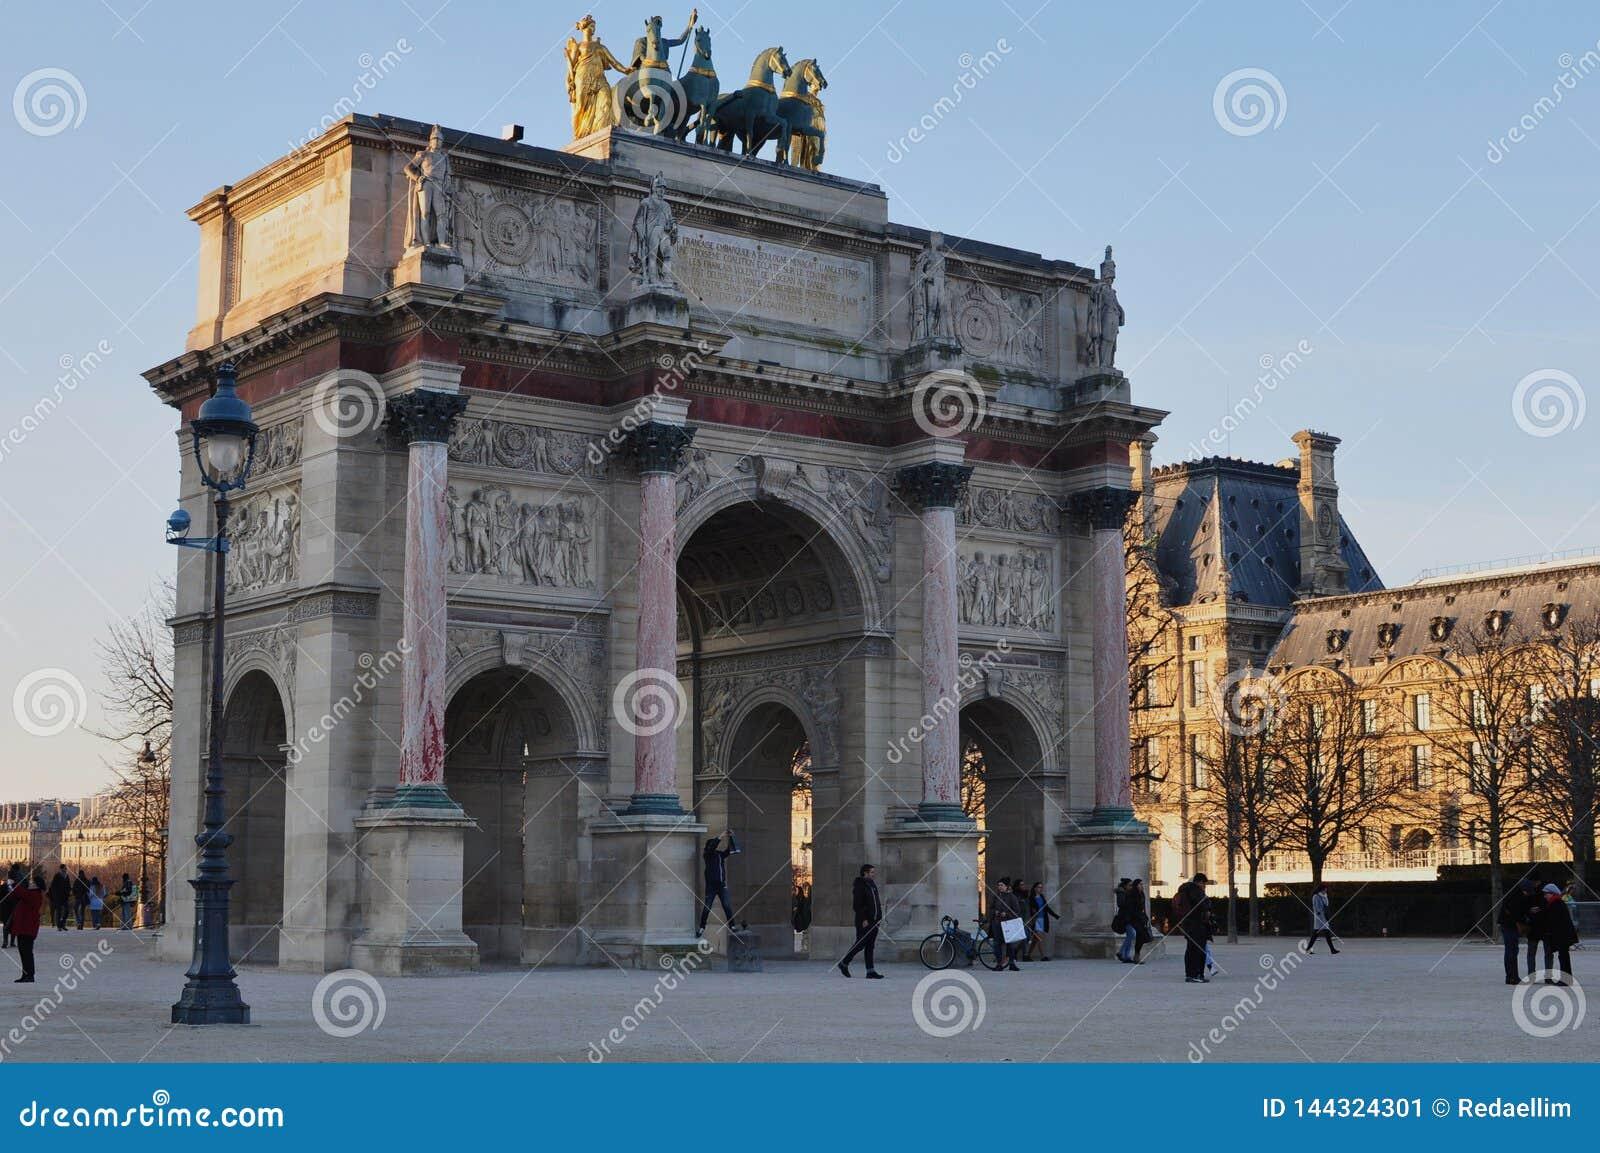 París, Francia - 02/08/2015: Vista del museo del Louvre